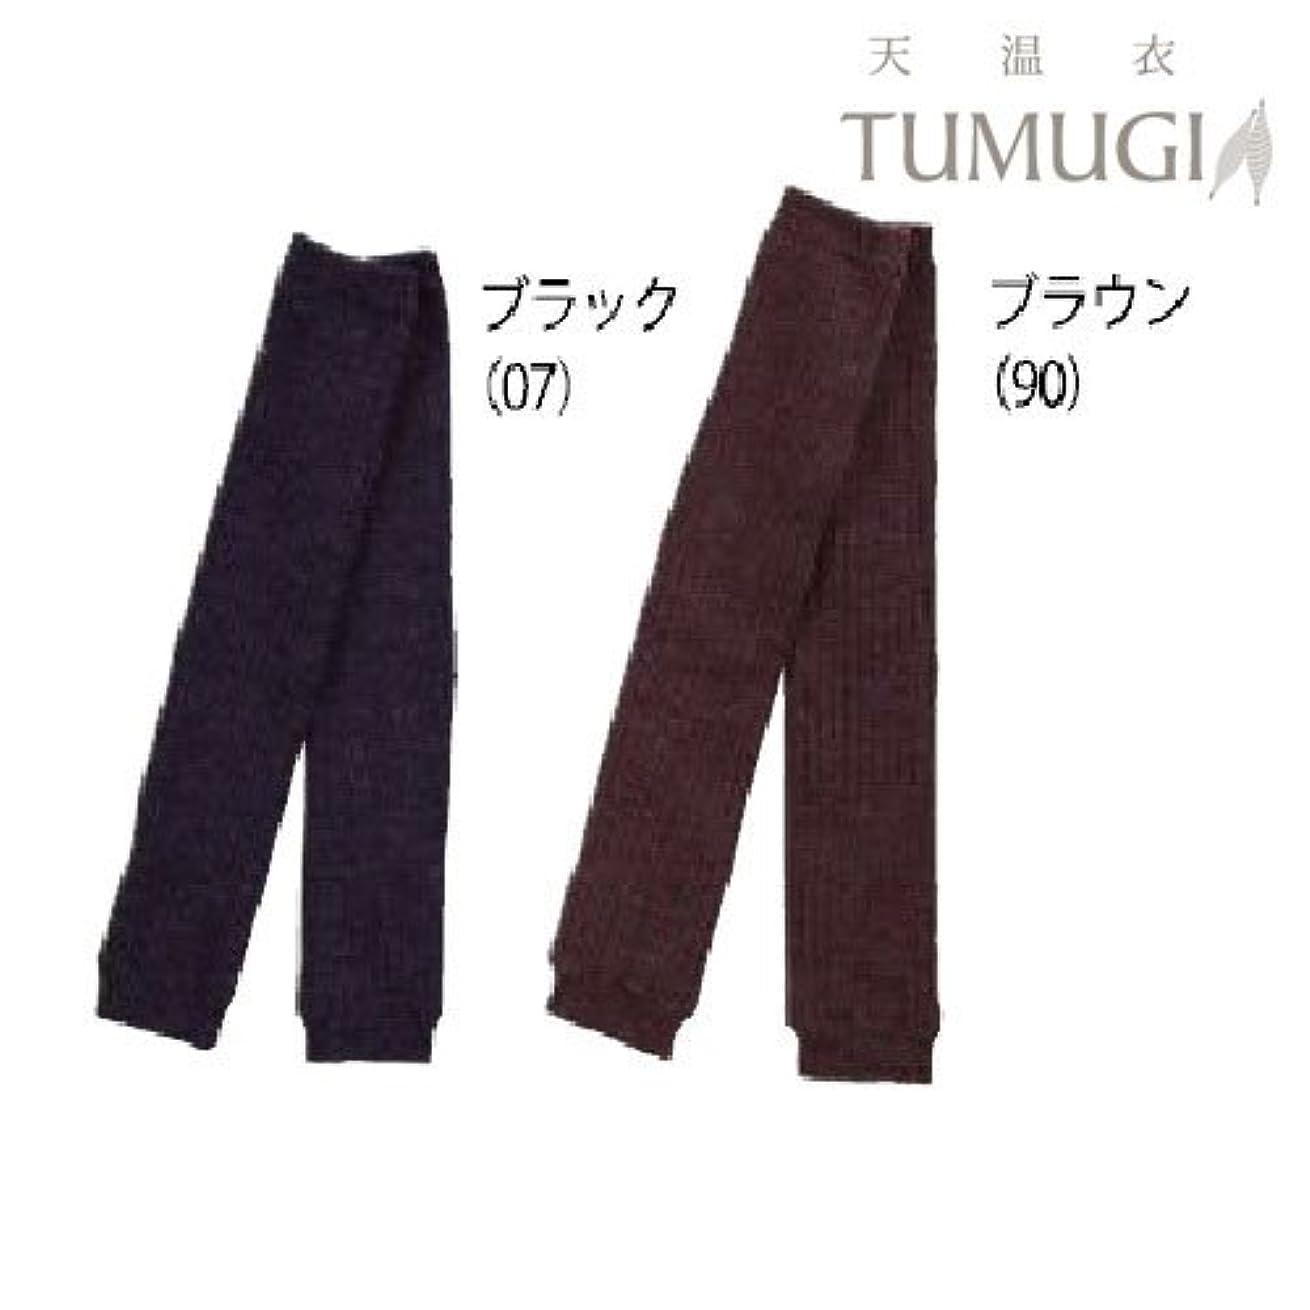 失うクマノミ生産的天温衣TUMUGI  ウールとシルクの2重編みレッグウォーマー (ブラック(黒))